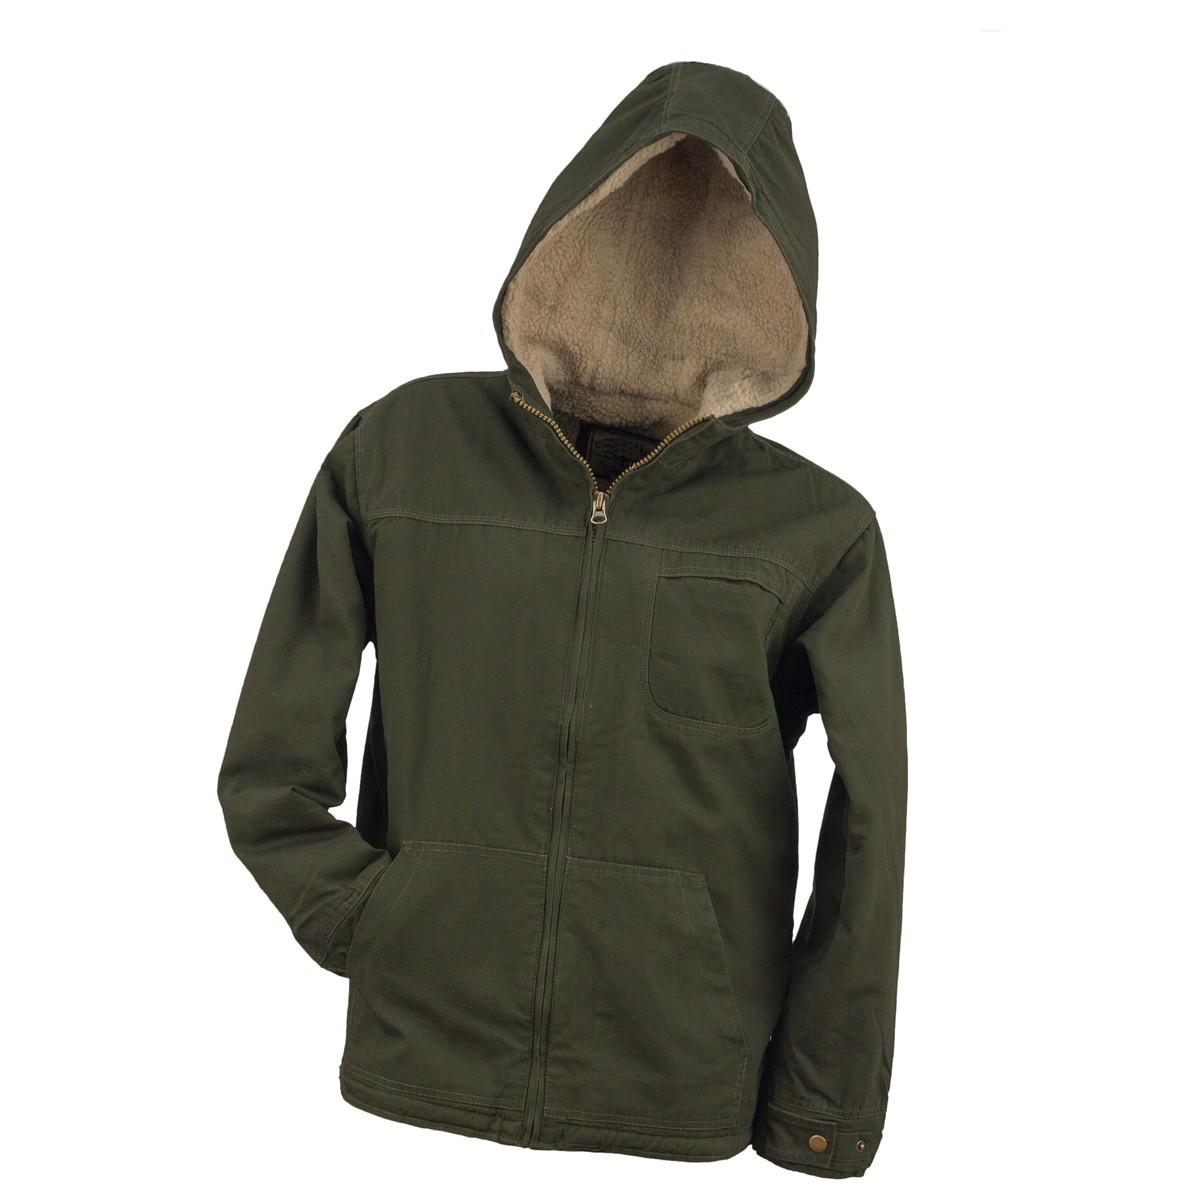 Куртка демисезонная KURTKA URG-3330 OLIVE выполнена из 100% хлопка, оливкового цвета.  Urgent (POLAND)